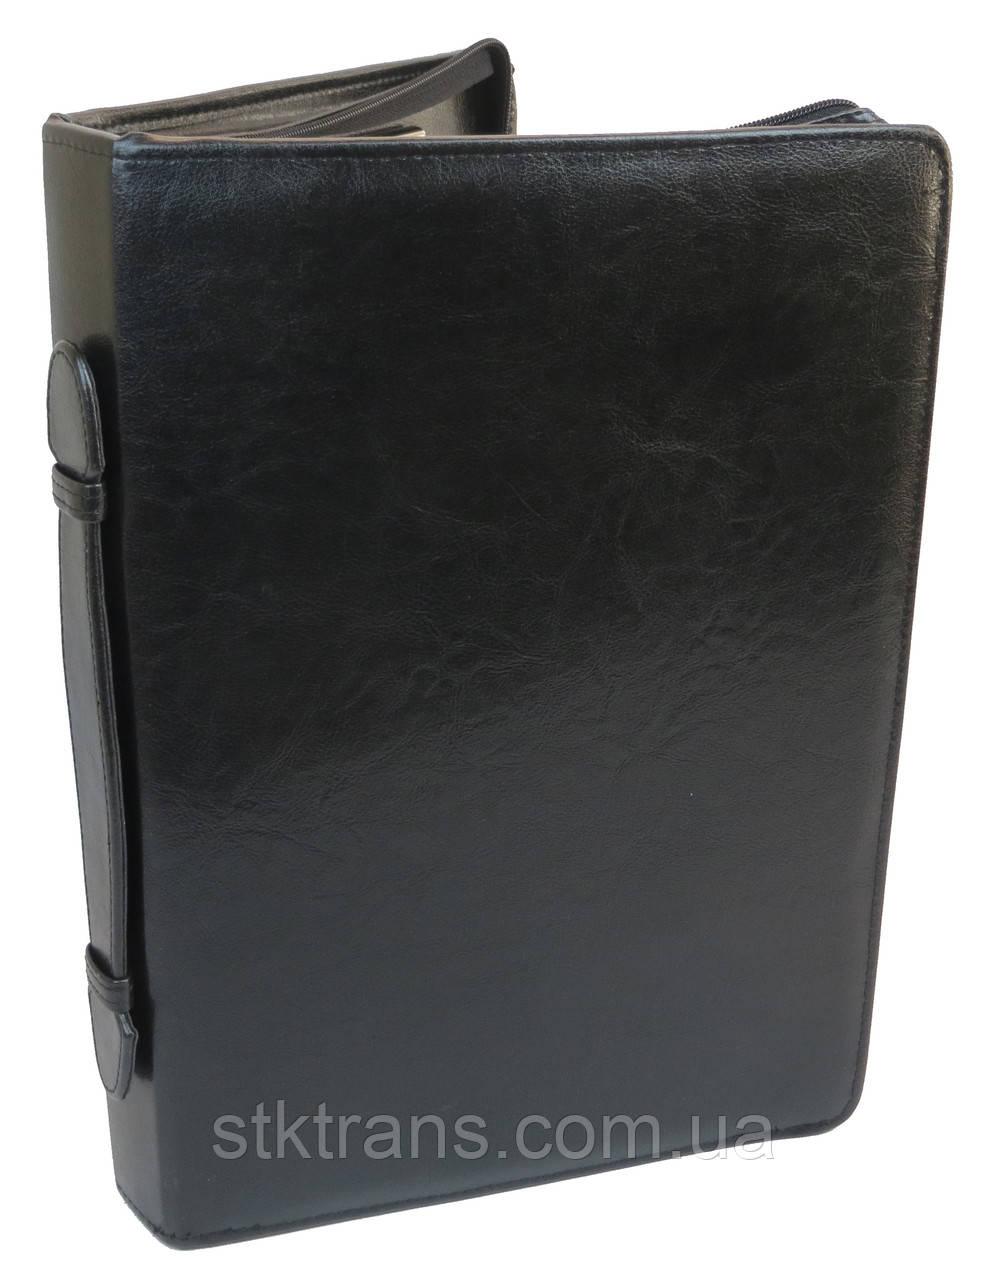 Папка из искусственной кожи с калькулятором JPB Черный (AK-11N)